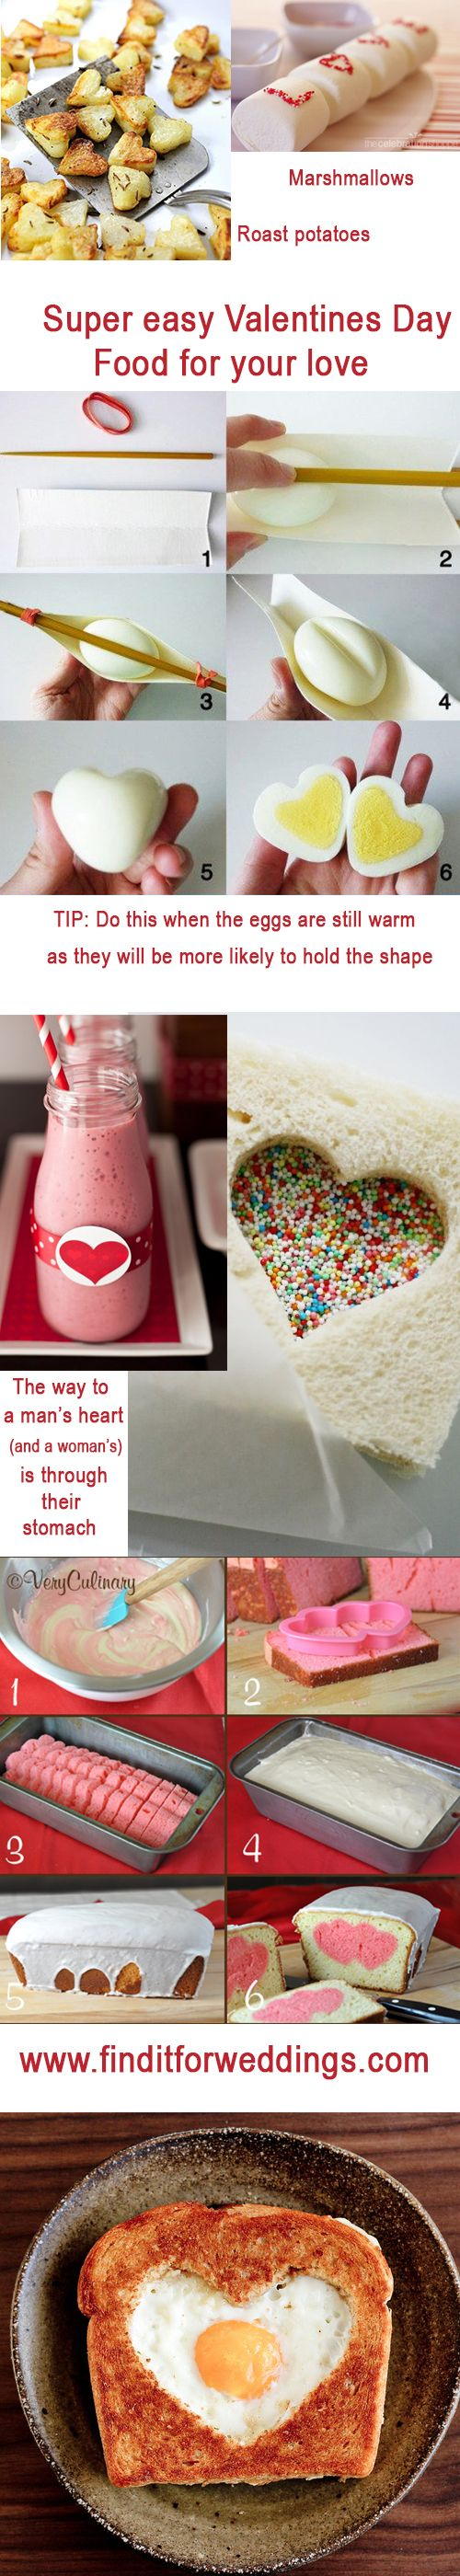 Love the heart eggs!